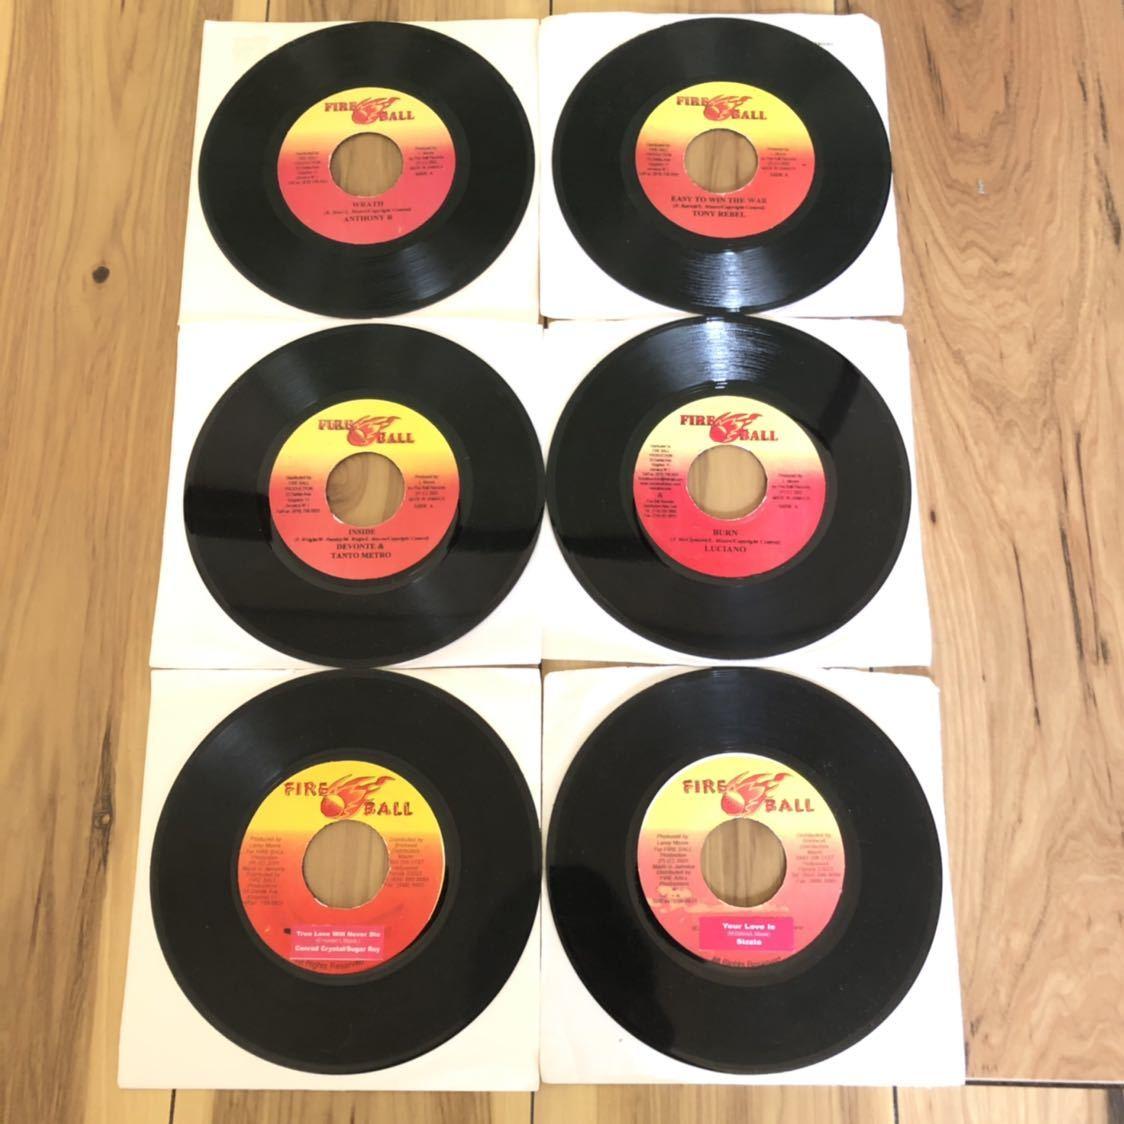 送料無料★レア 2002年大ヒットリズム!! True Love Riddim6枚セット★Conrad Crystal&Sugar Roy, Sizzla, LUCIANO, DEVONTE&TANTO METRO他